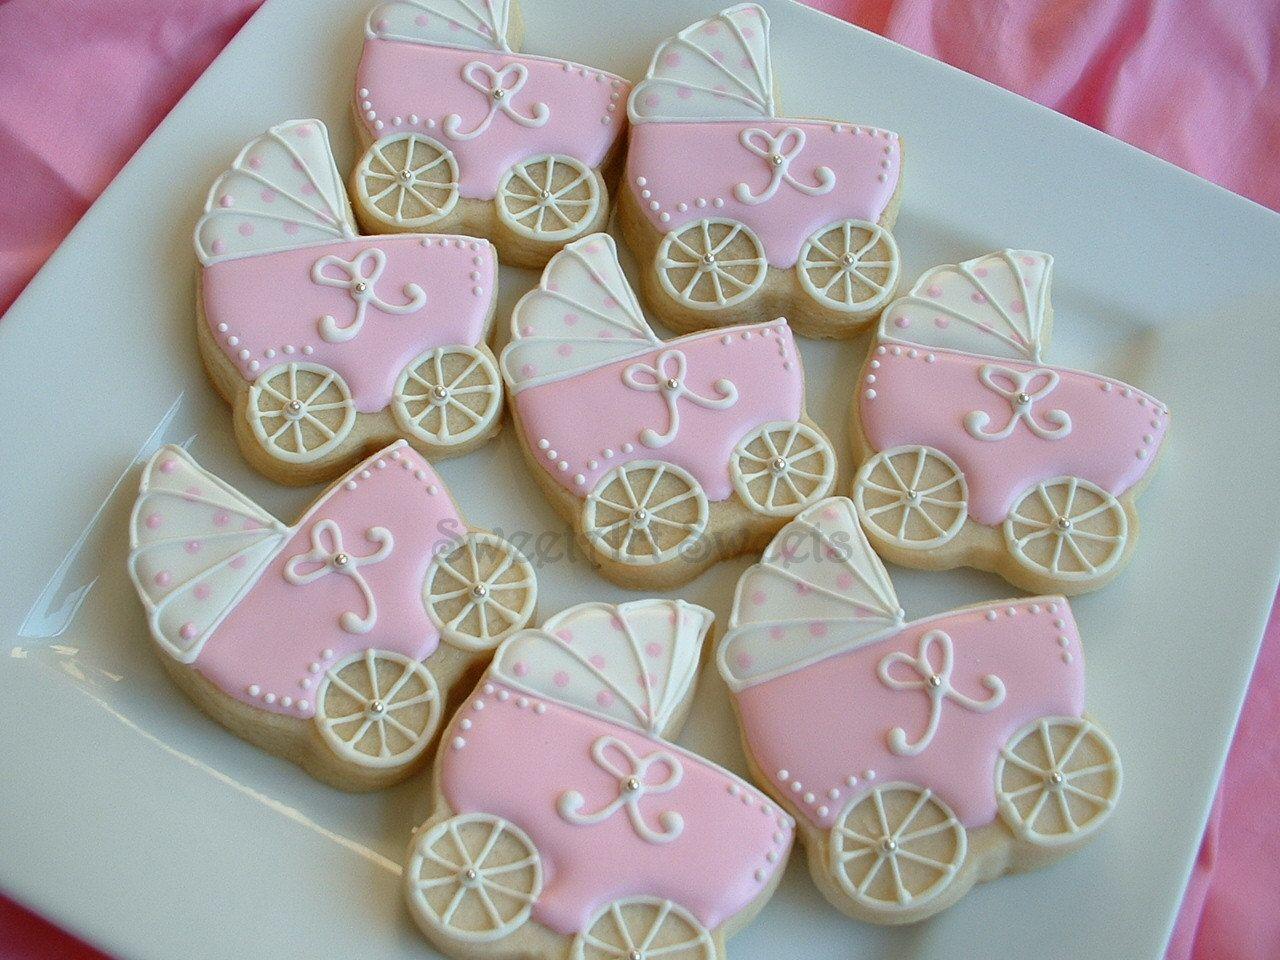 Baby Shower Cookies - baby stroller cookies - 1 dozen Baby ...